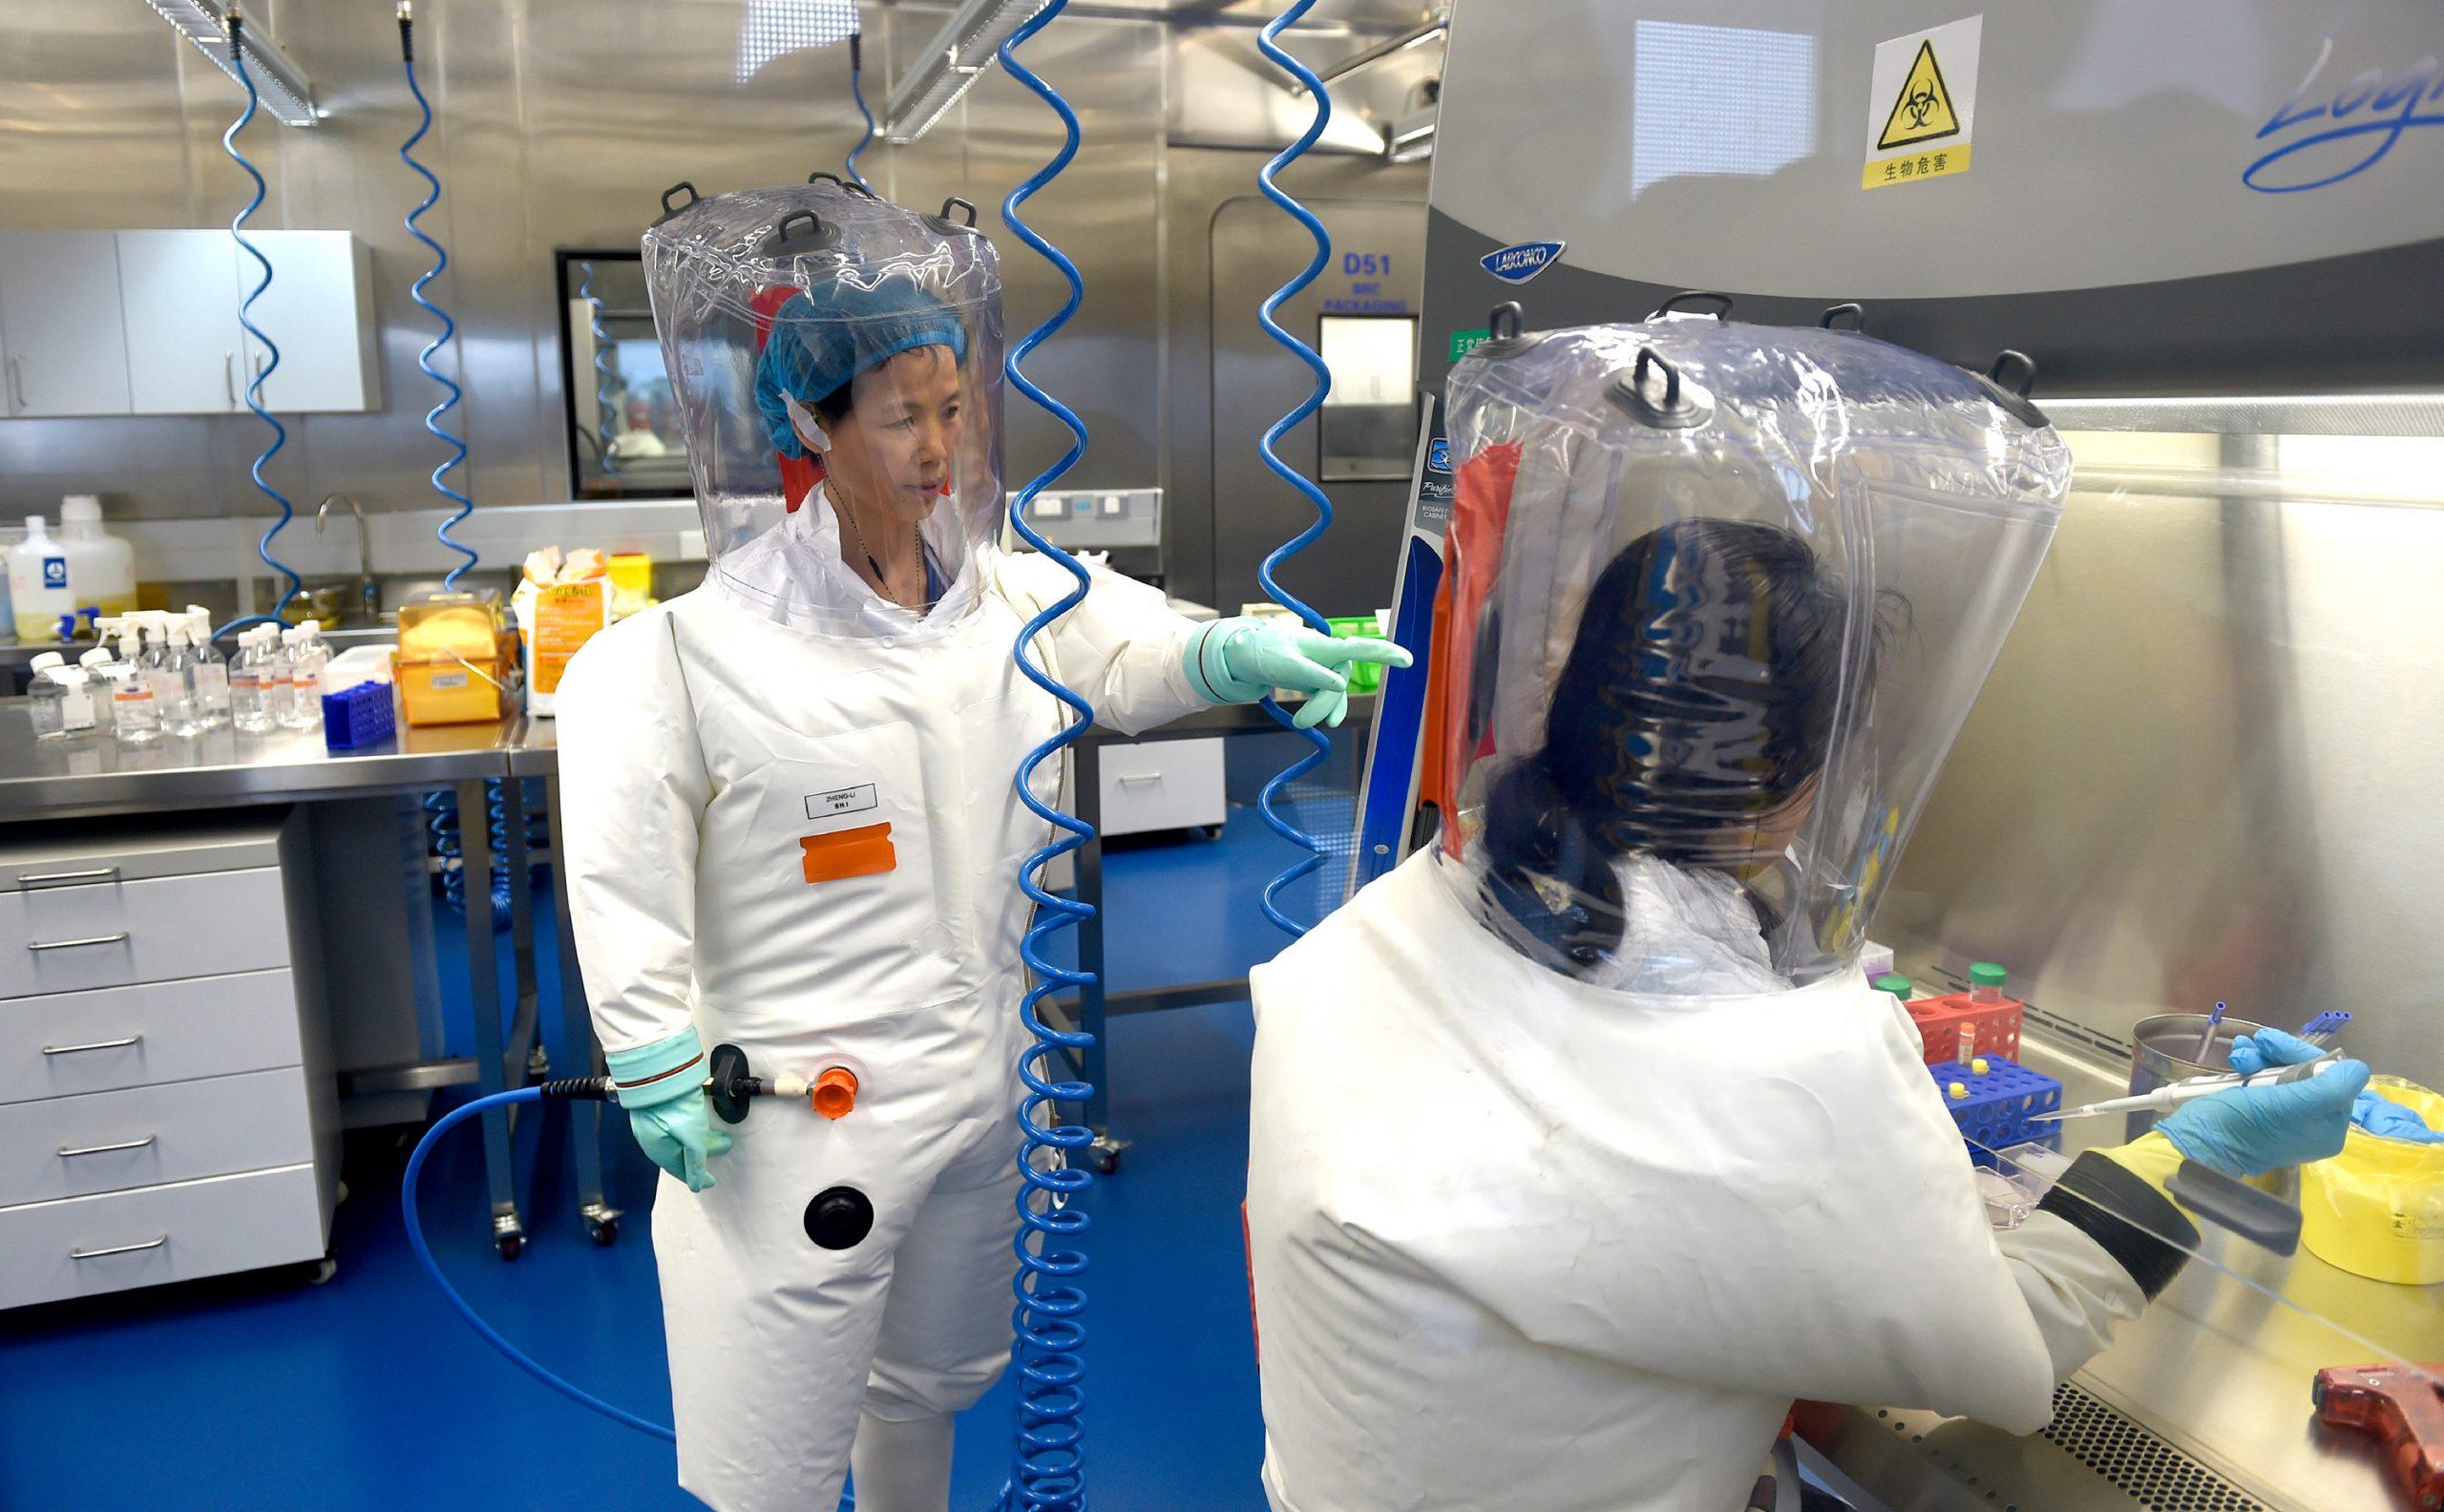 コロナ 説 生物 新型 ウイルス 兵器 燻る「新型ウイルス=生物兵器」説、専門家が解説 コロナウイルス問題の背後に「中台対峙」の可能性示唆(1/3)